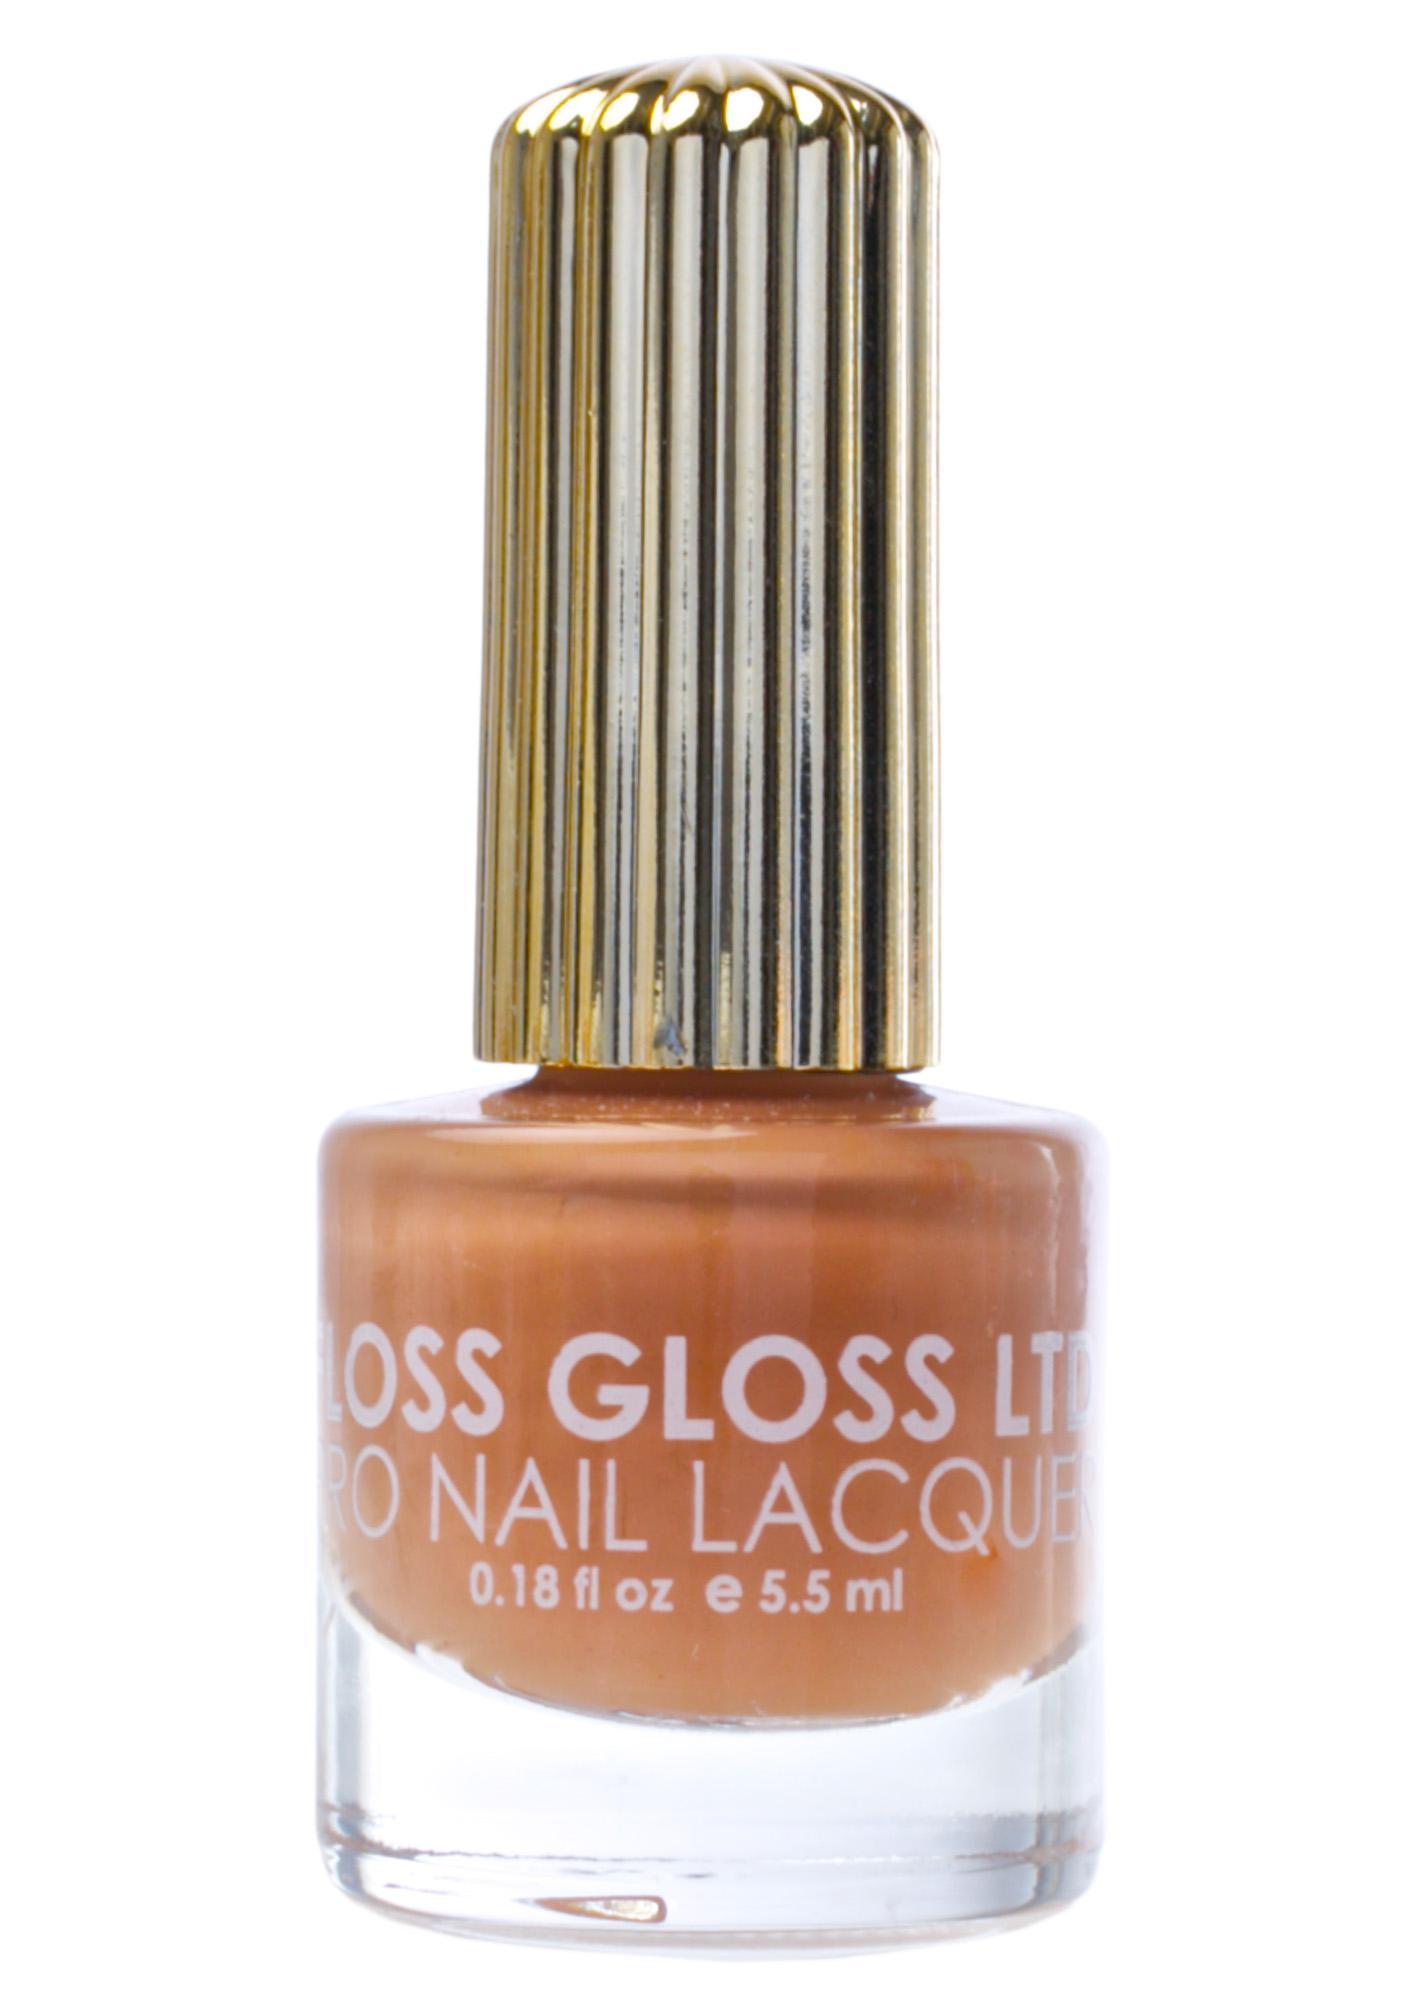 Floss Gloss Tanlines Nail Polish